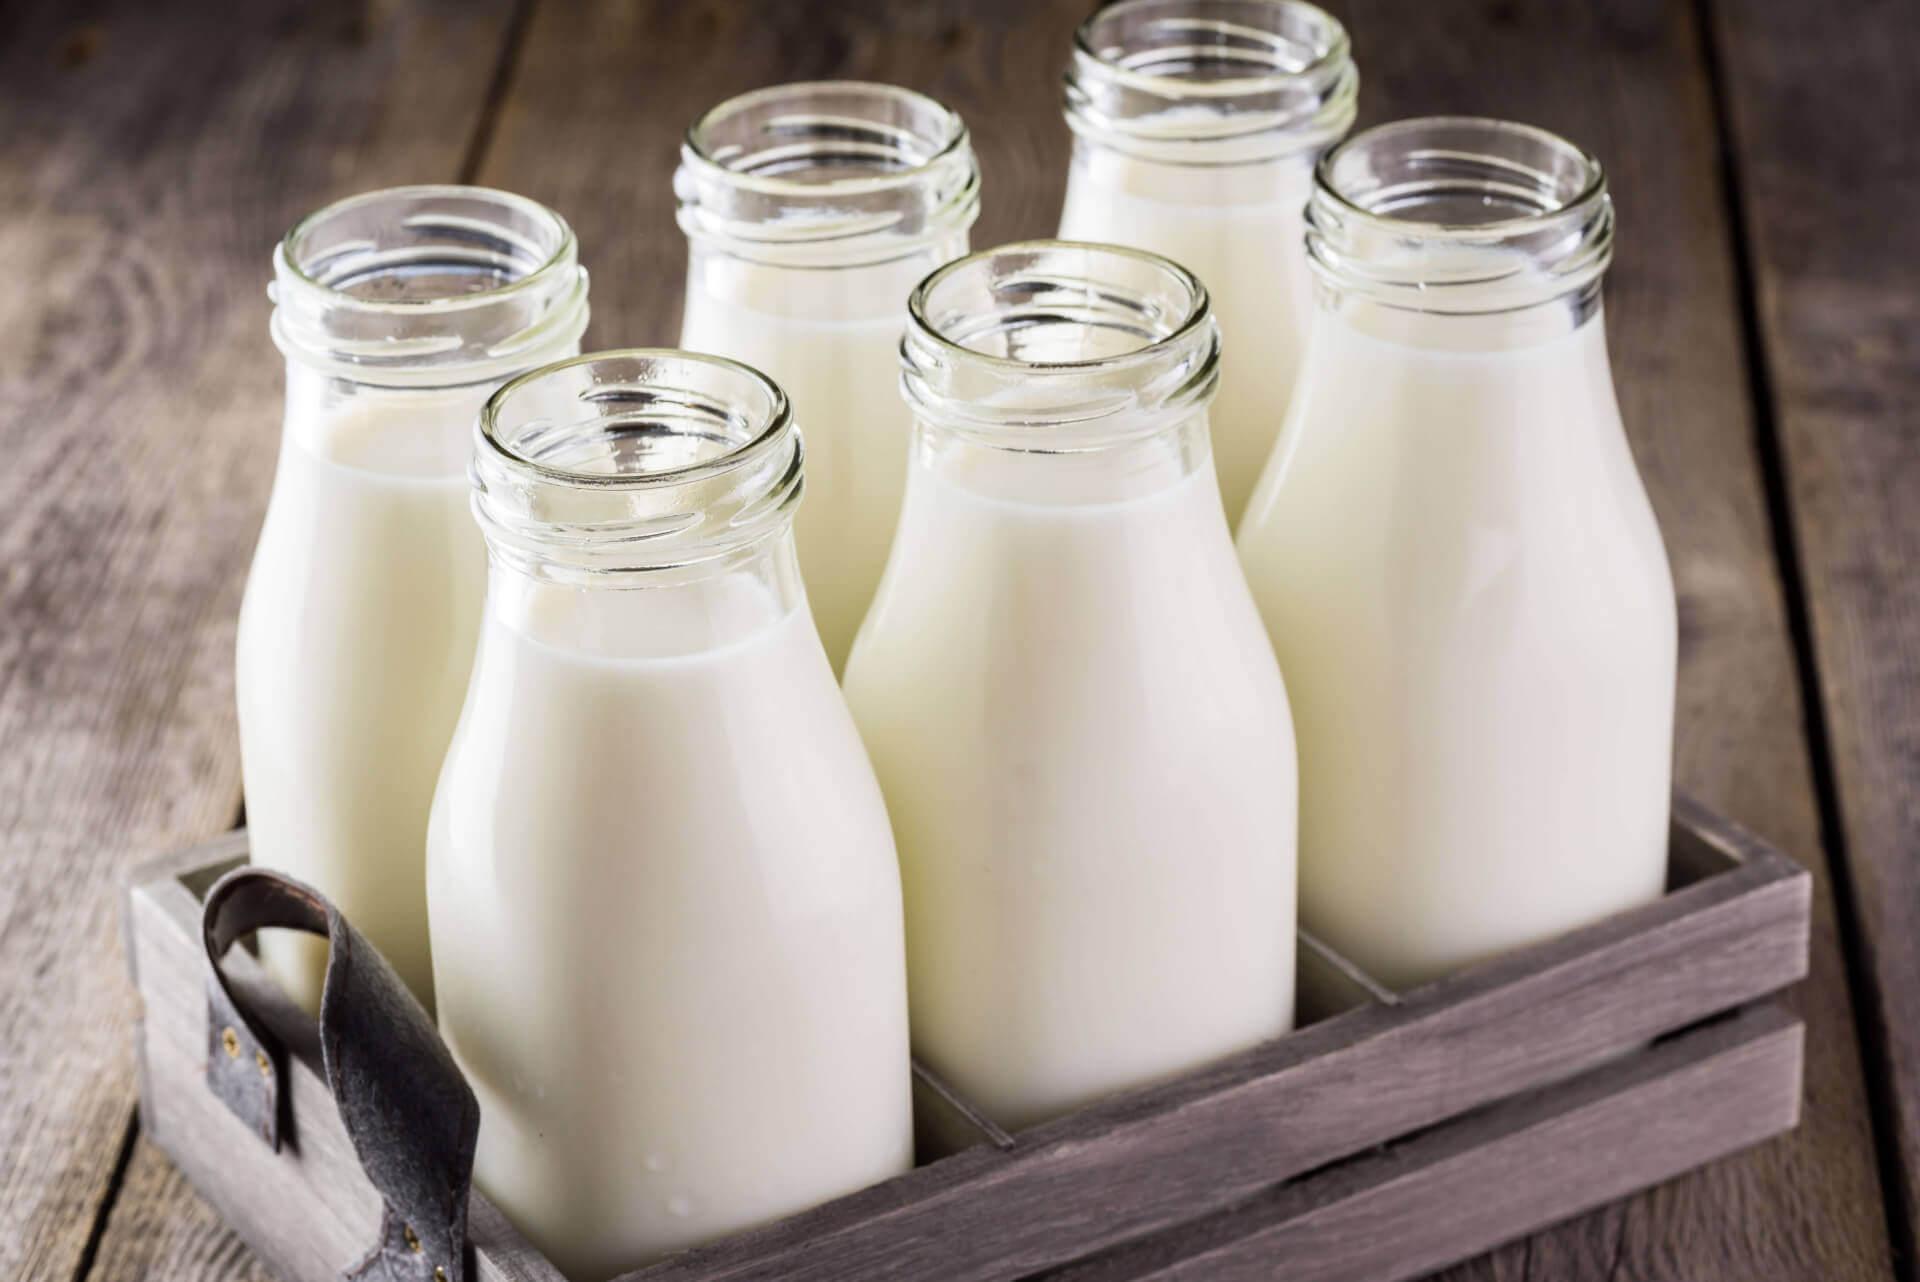 6 glass milk bottles